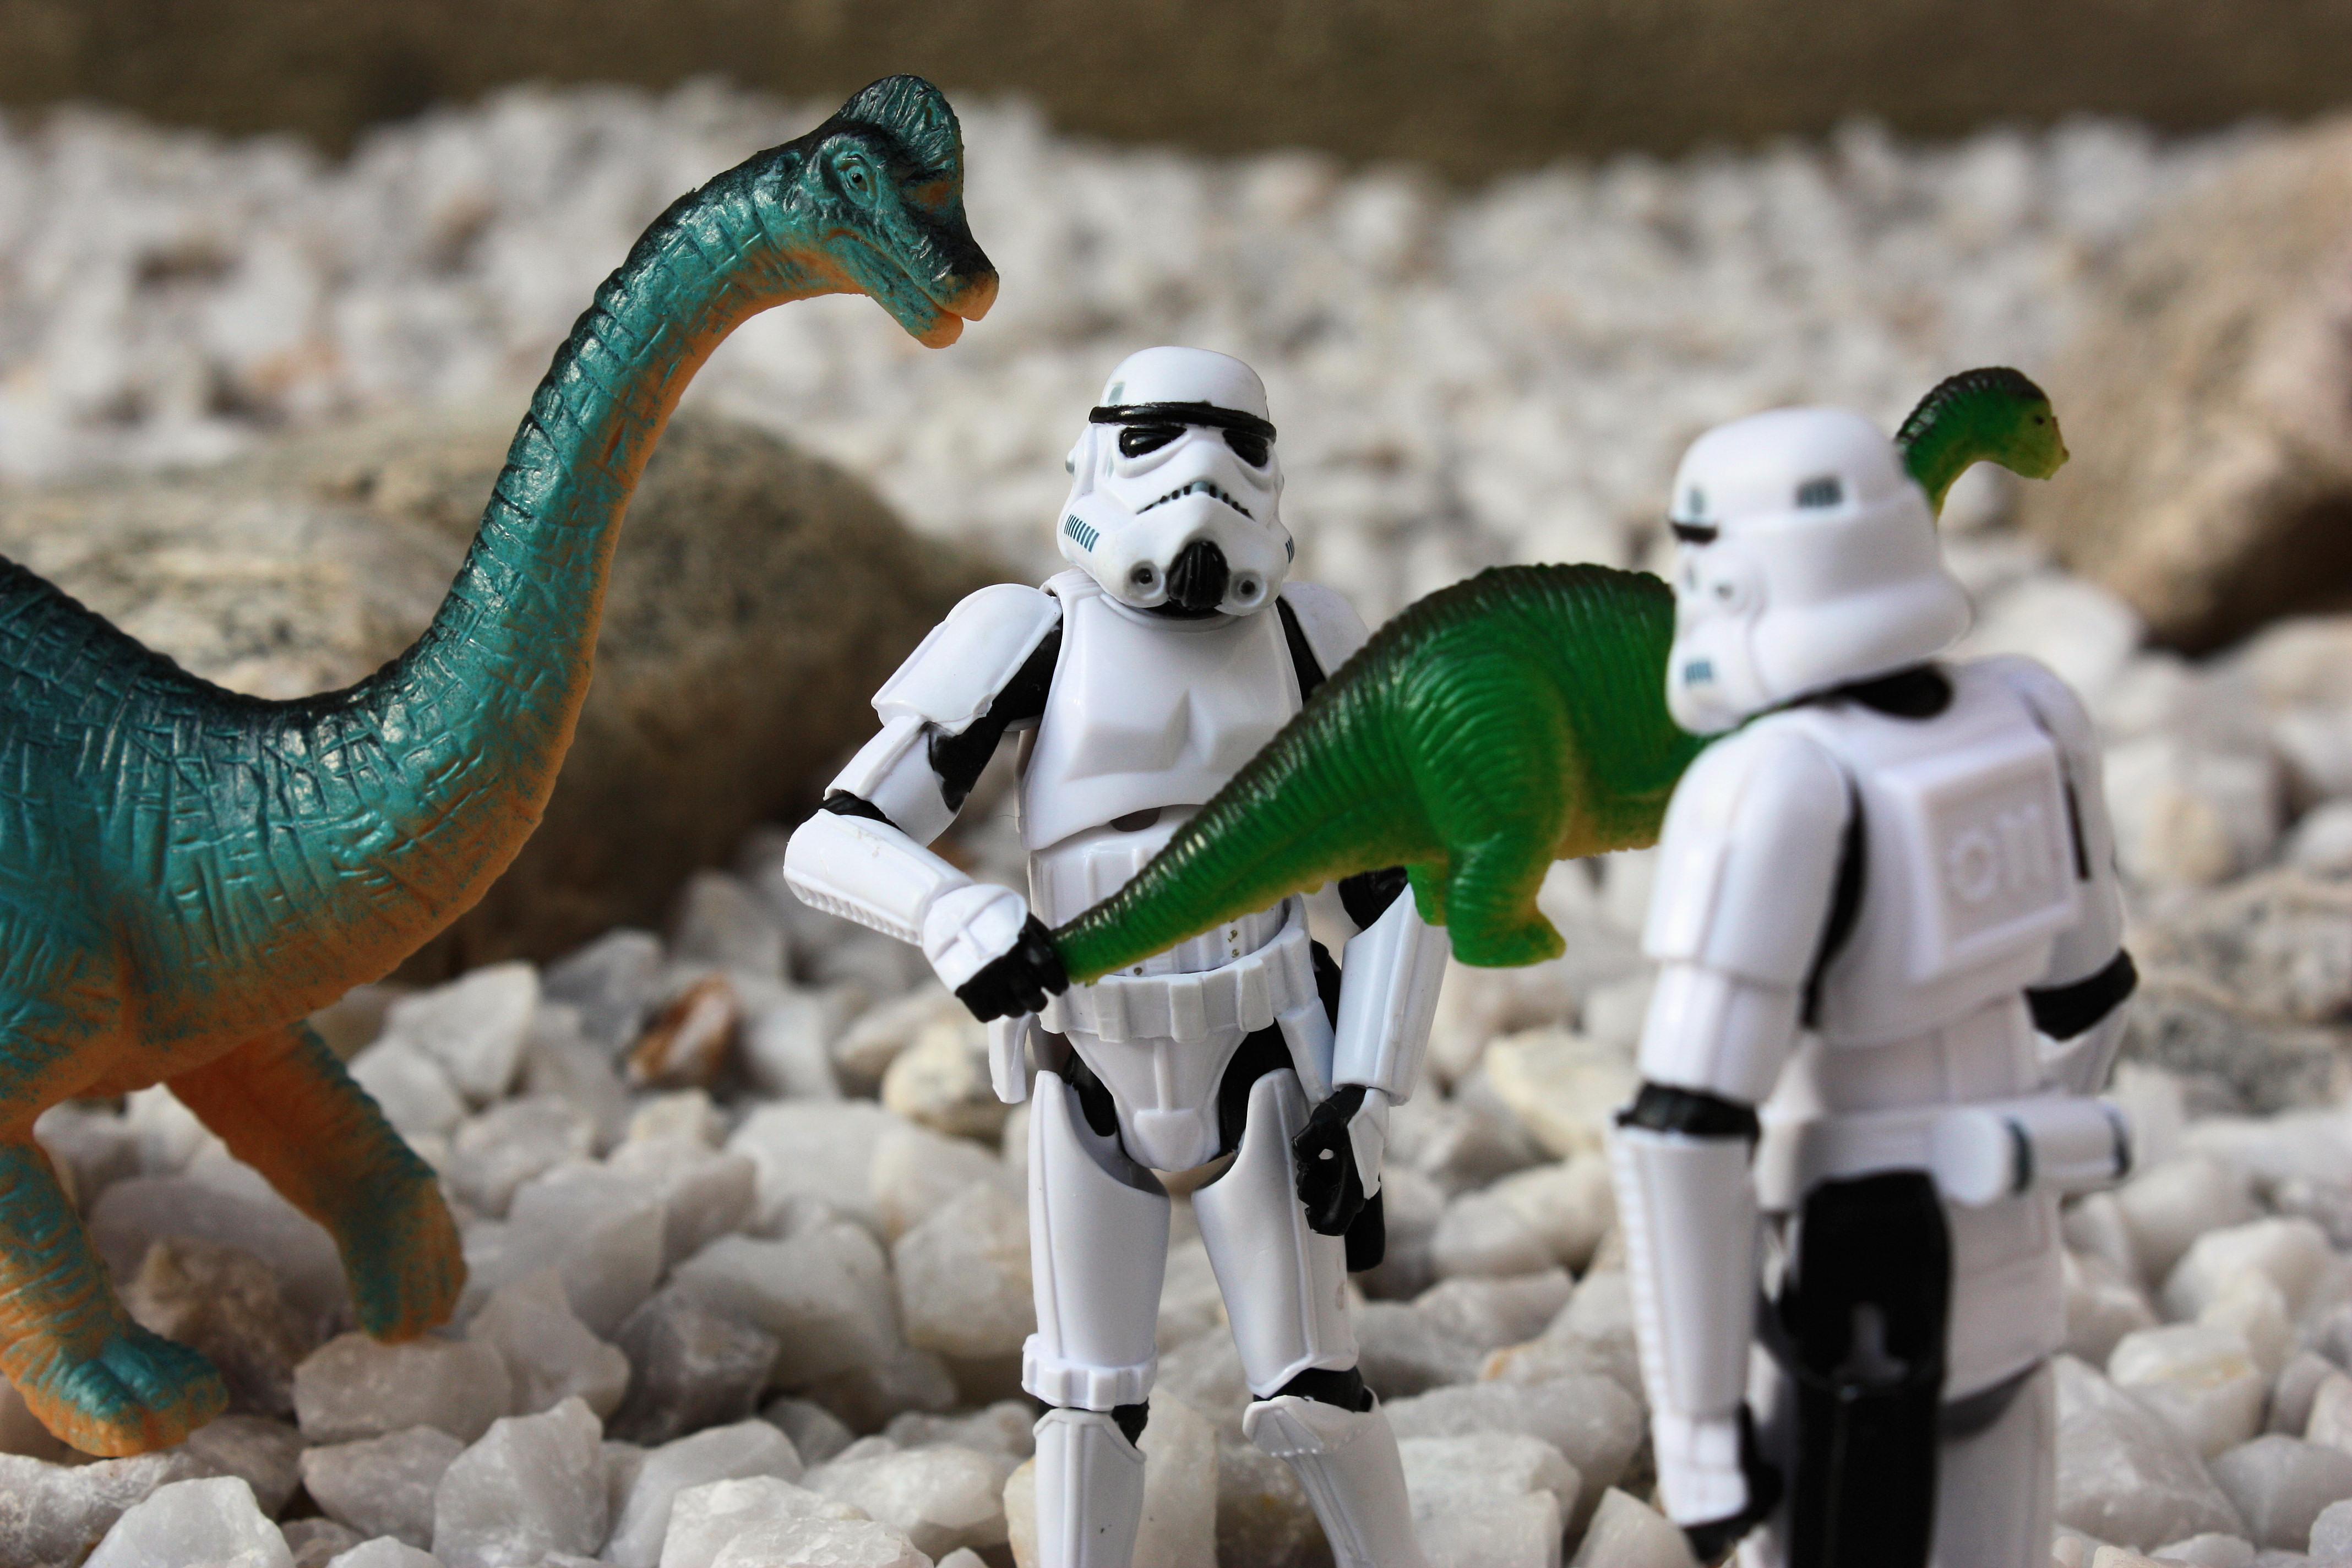 Wallpaper Toy Actionfigure Starwars Dinosaur